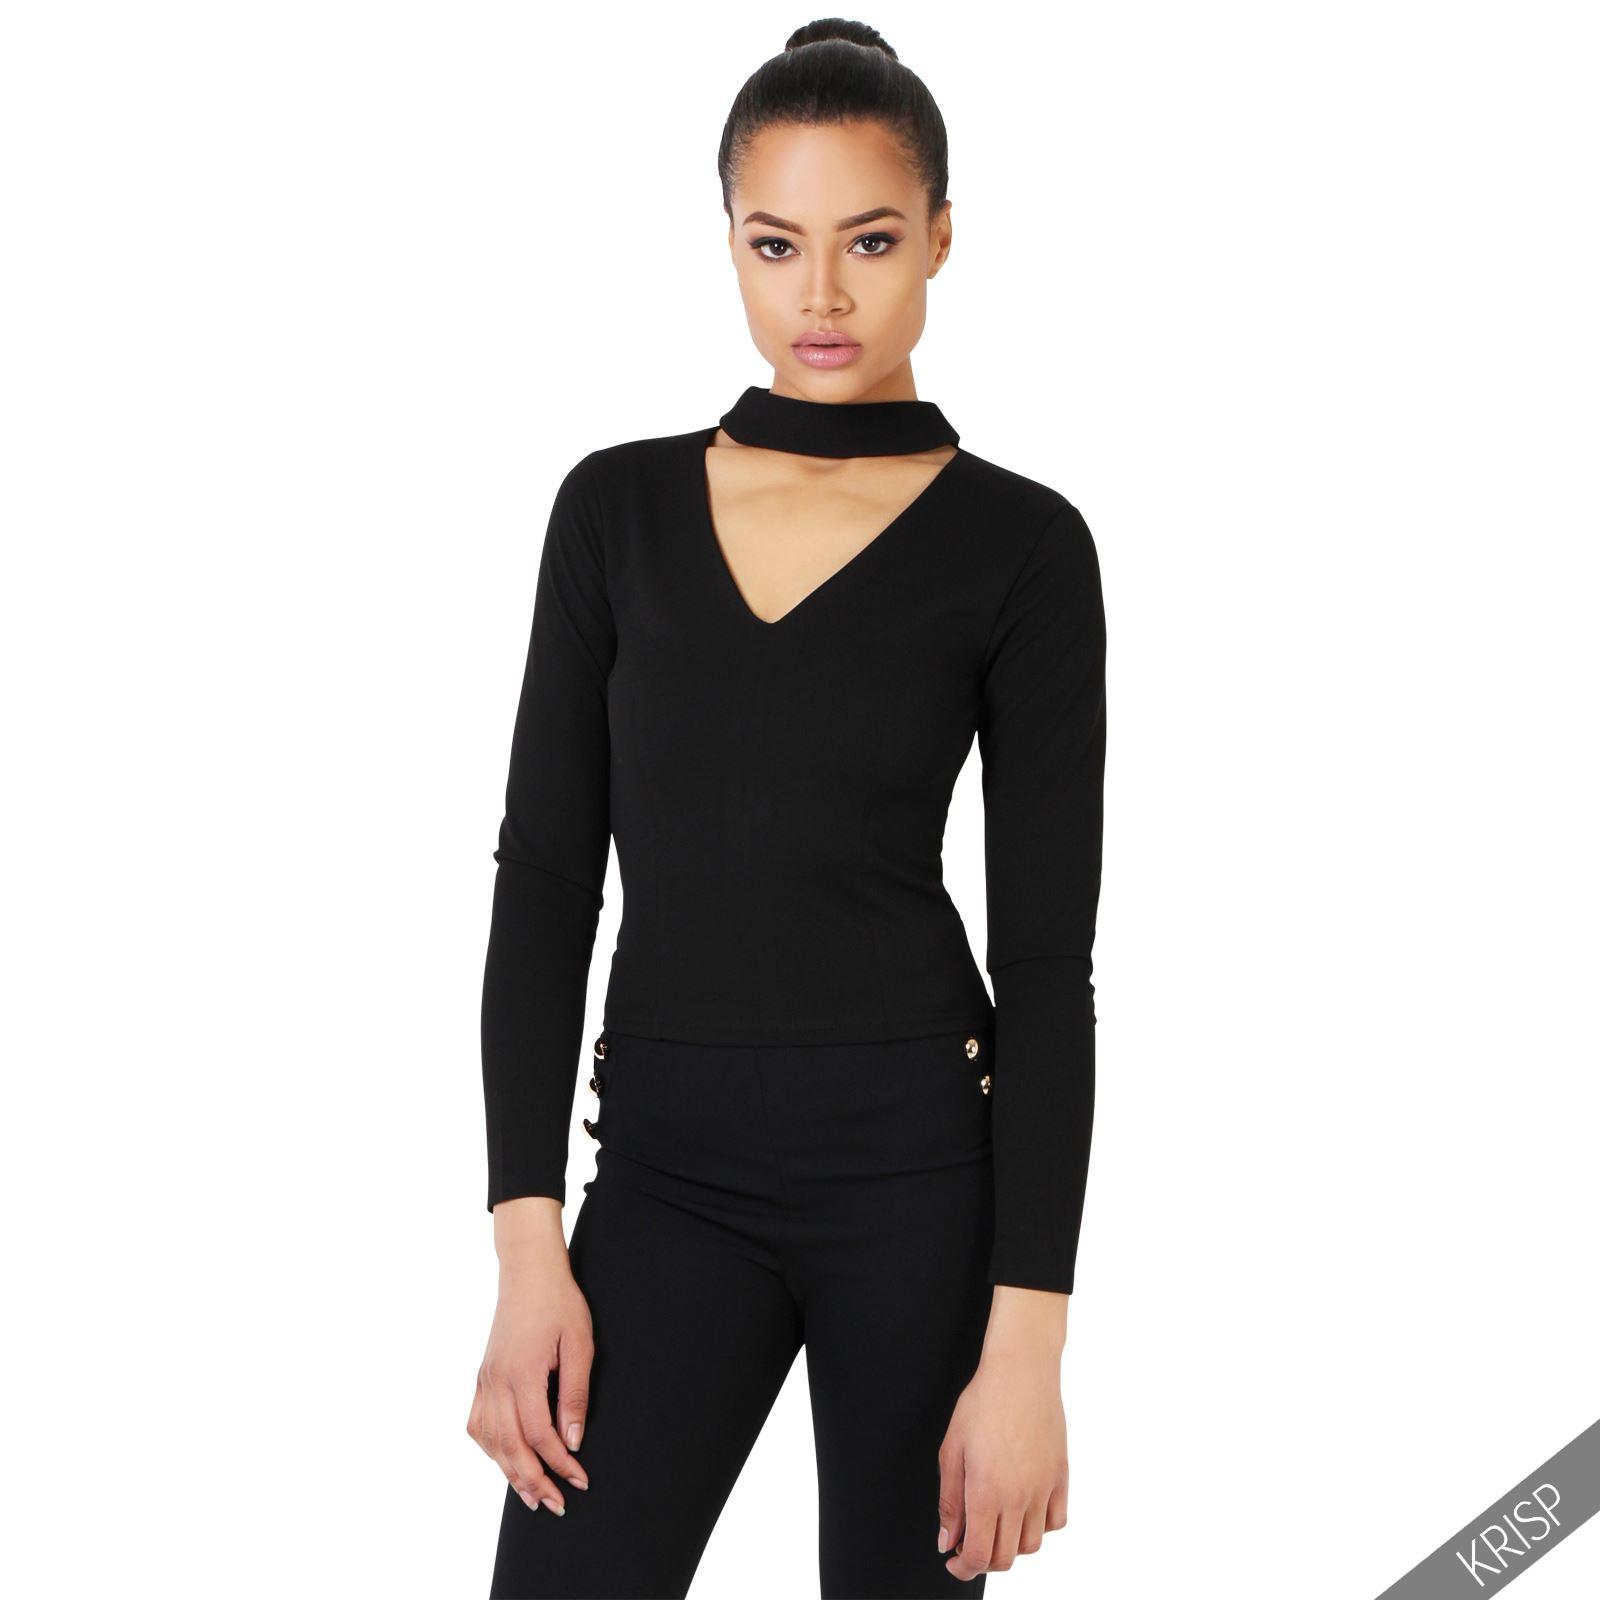 femmes top t shirt haut uni d collet d coup plongeant col v moulant soir es ebay. Black Bedroom Furniture Sets. Home Design Ideas